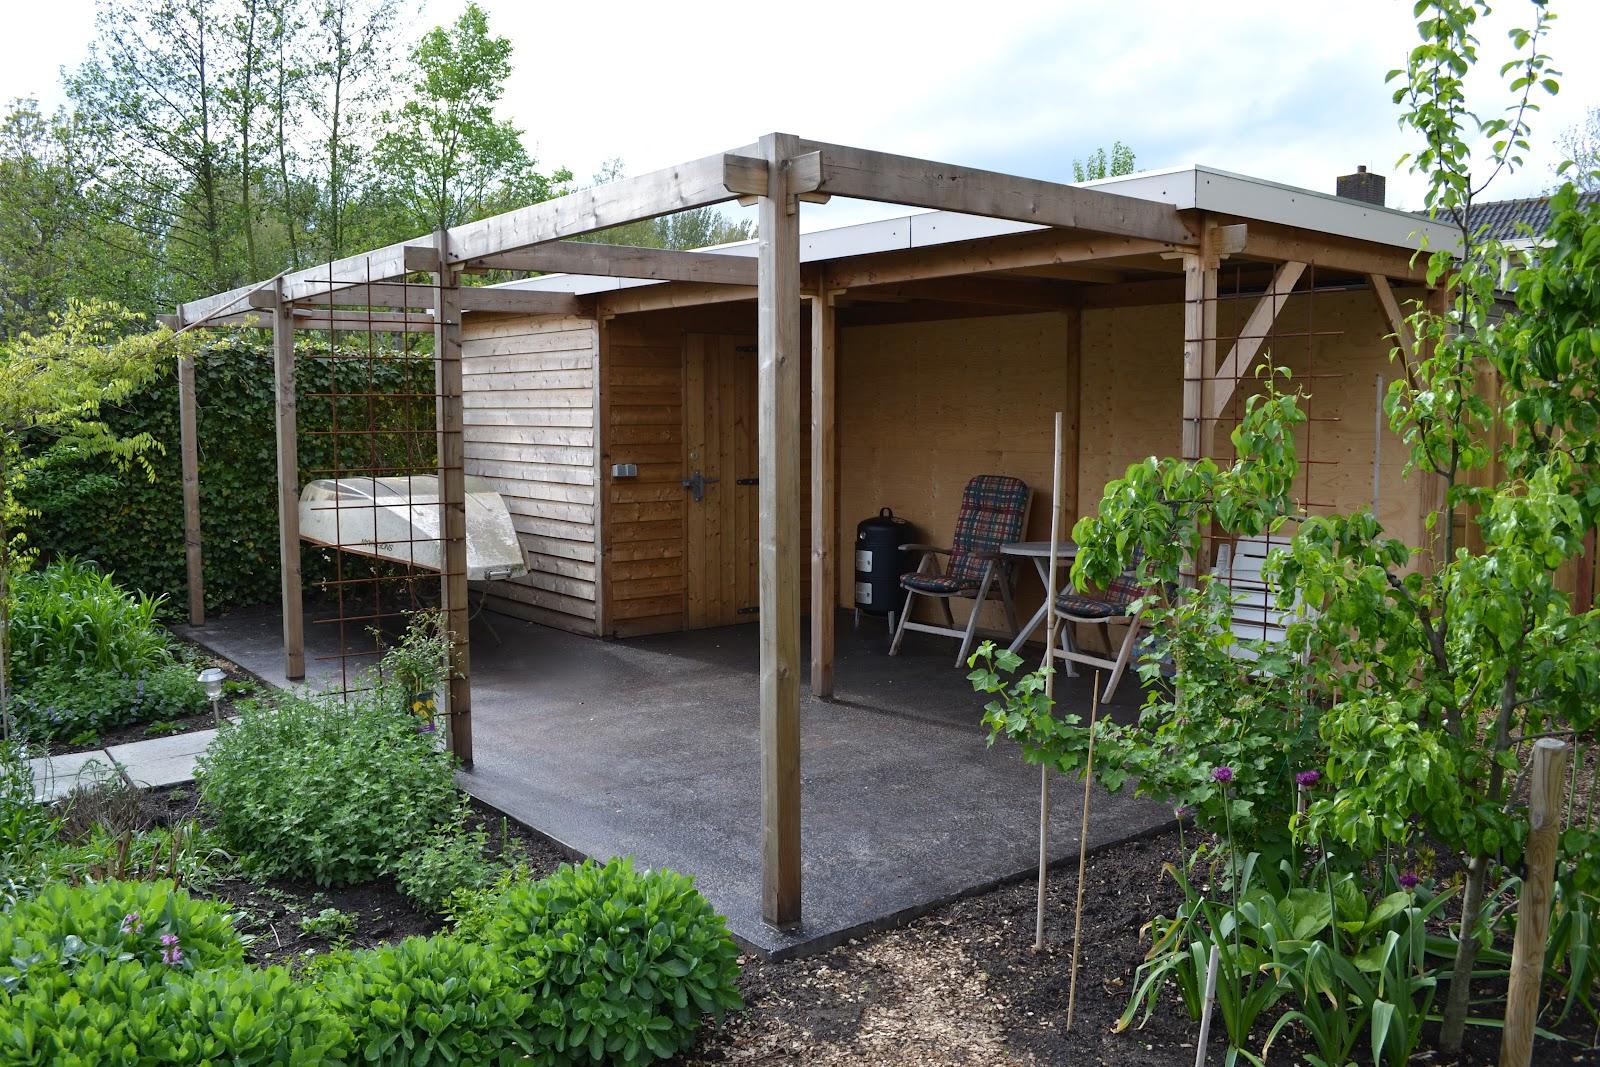 Meubelmakerij de swarte schuur veranda op z 39 n hollands - Overdekt terras in hout ...